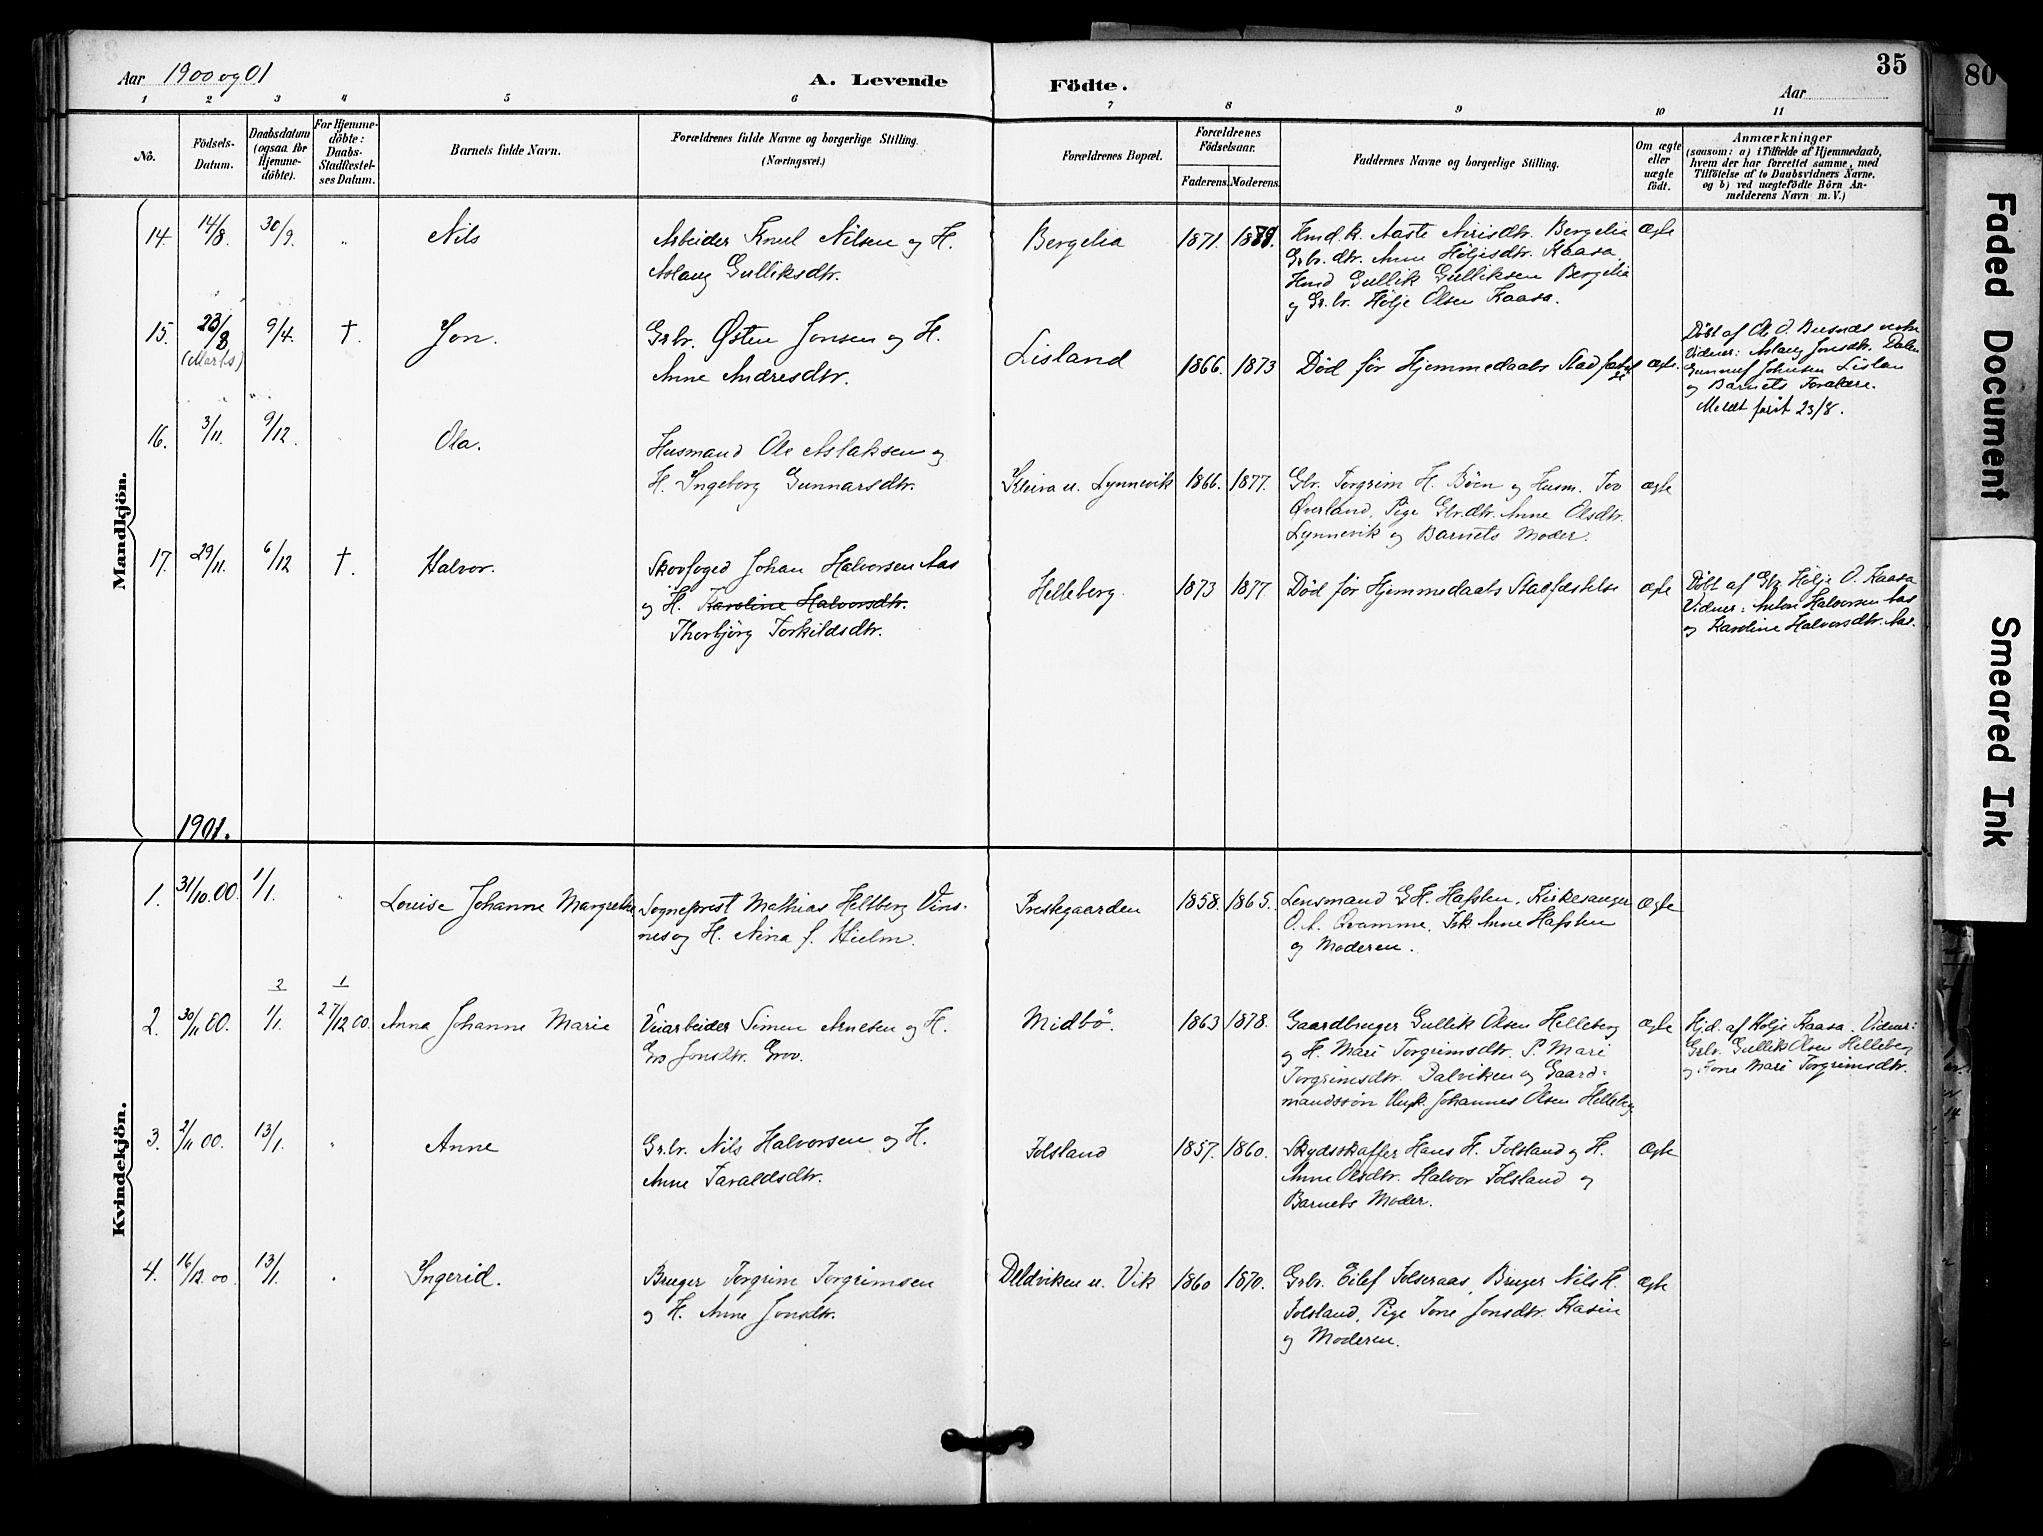 SAKO, Gransherad kirkebøker, F/Fa/L0005: Ministerialbok nr. I 5, 1887-1916, s. 35